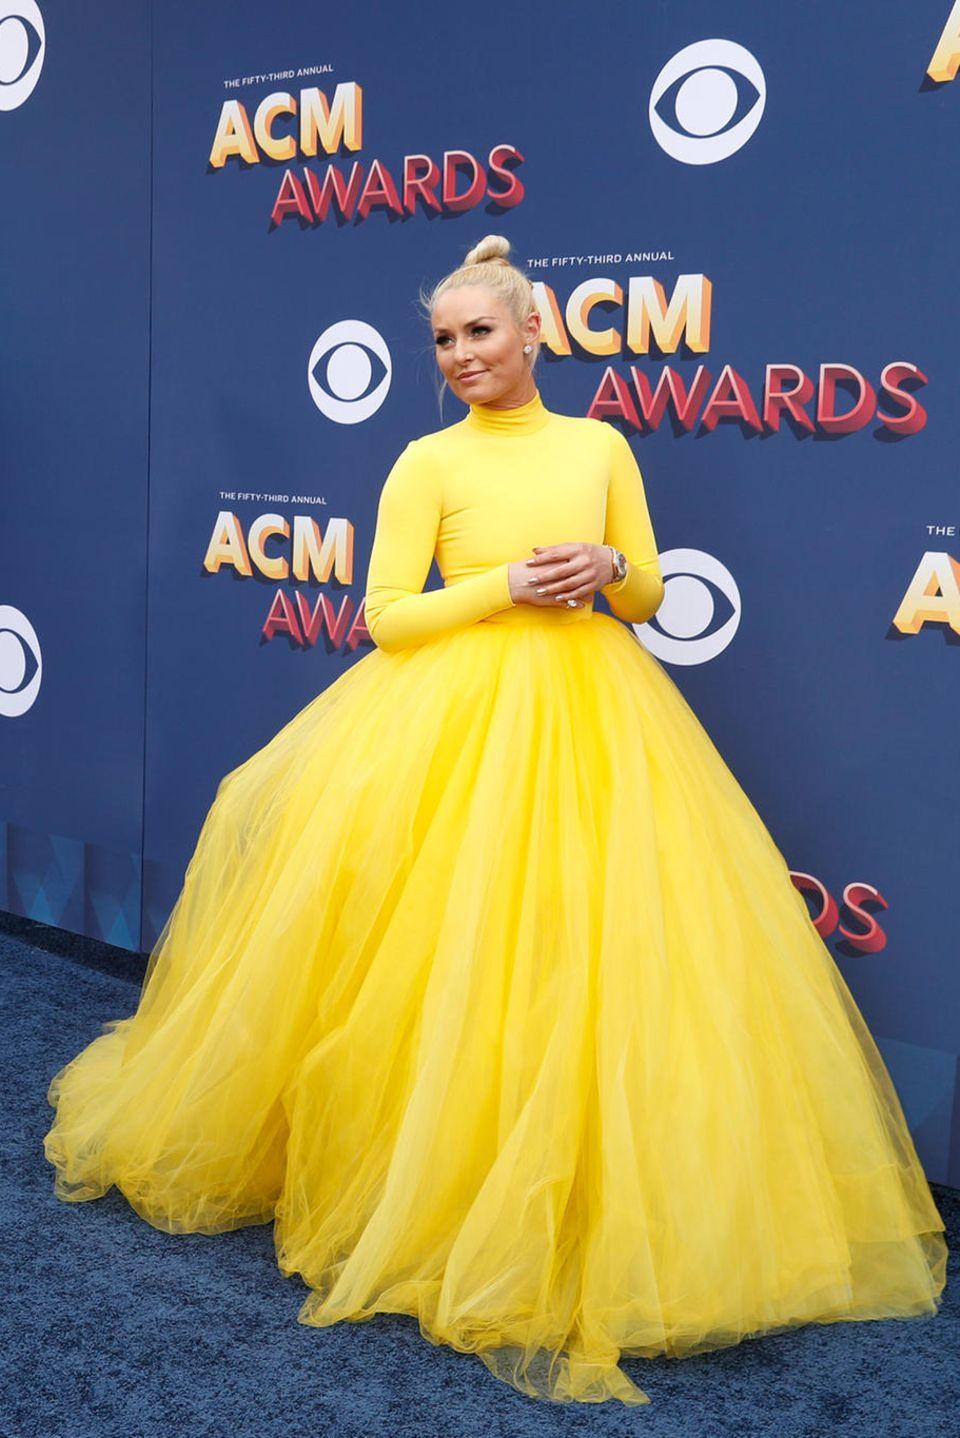 Ski-Star Lindsey Vonn ist im leuchtend gelben Tüllkleid DER Hingucker der Academy of Country Music Awards. Interessanter wird der sonnige Look aber noch unter dem Rock...